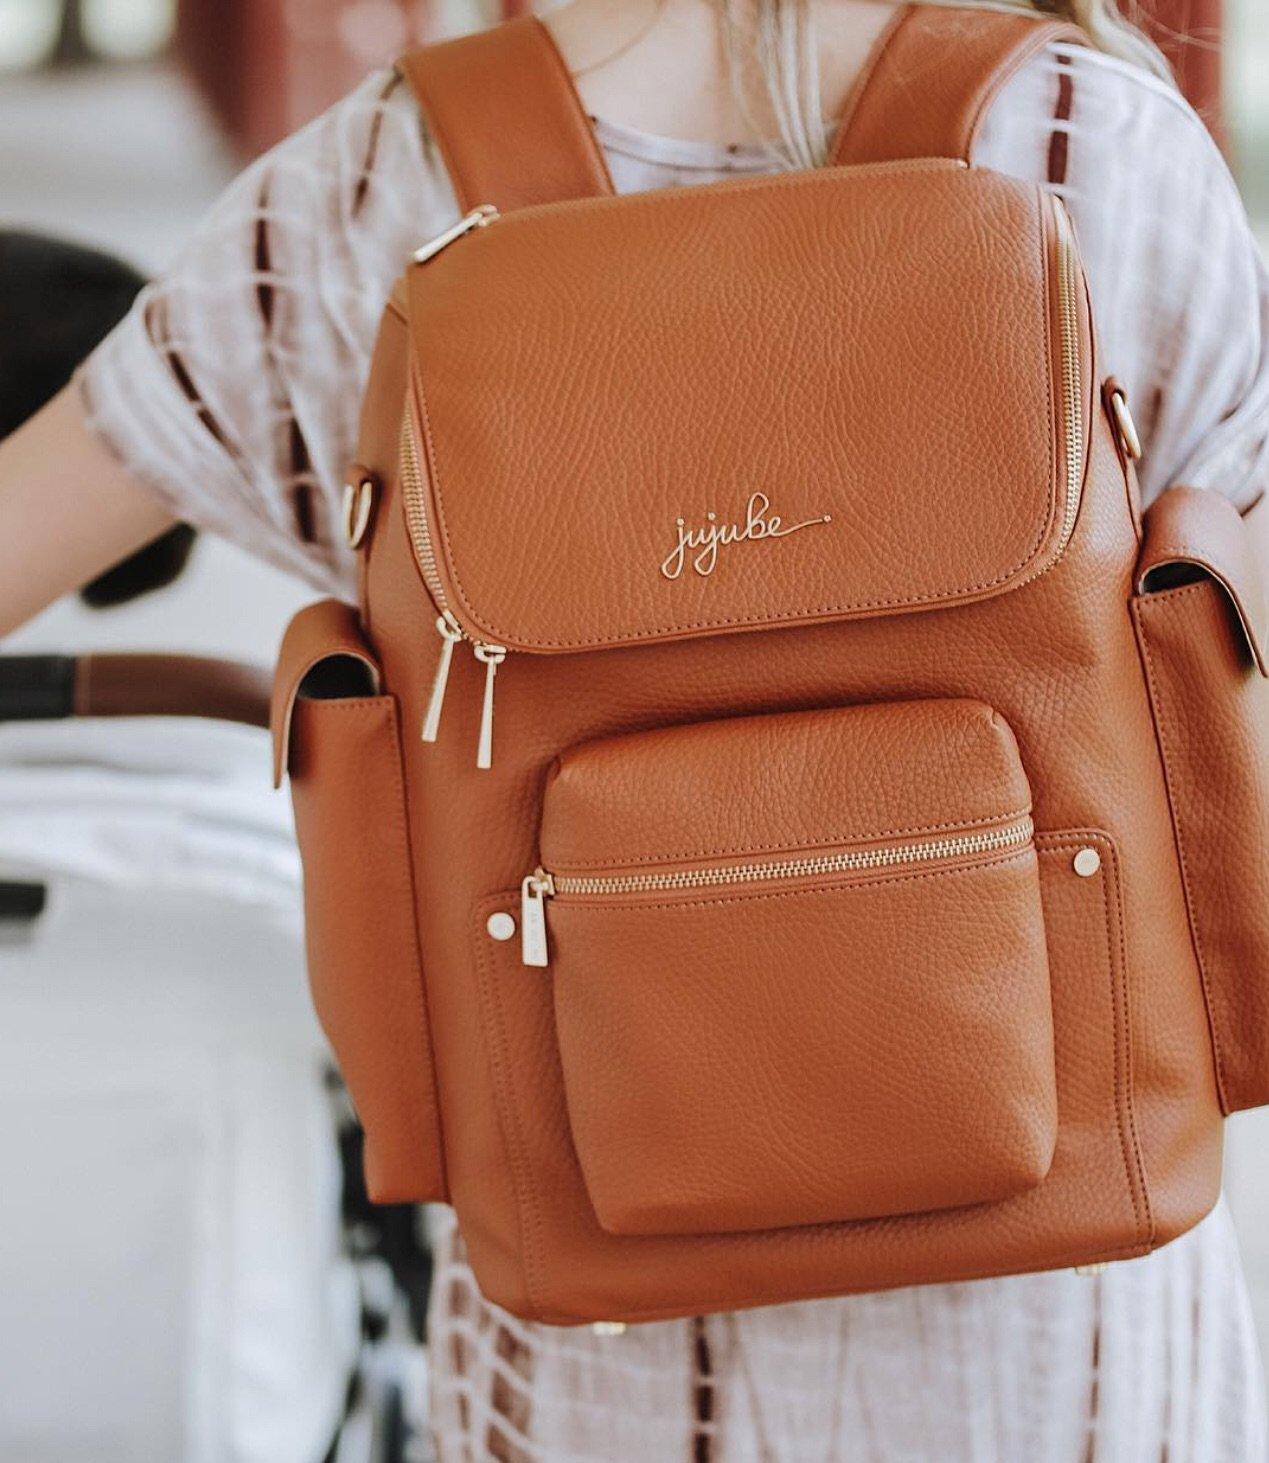 jujube Diaper Bags